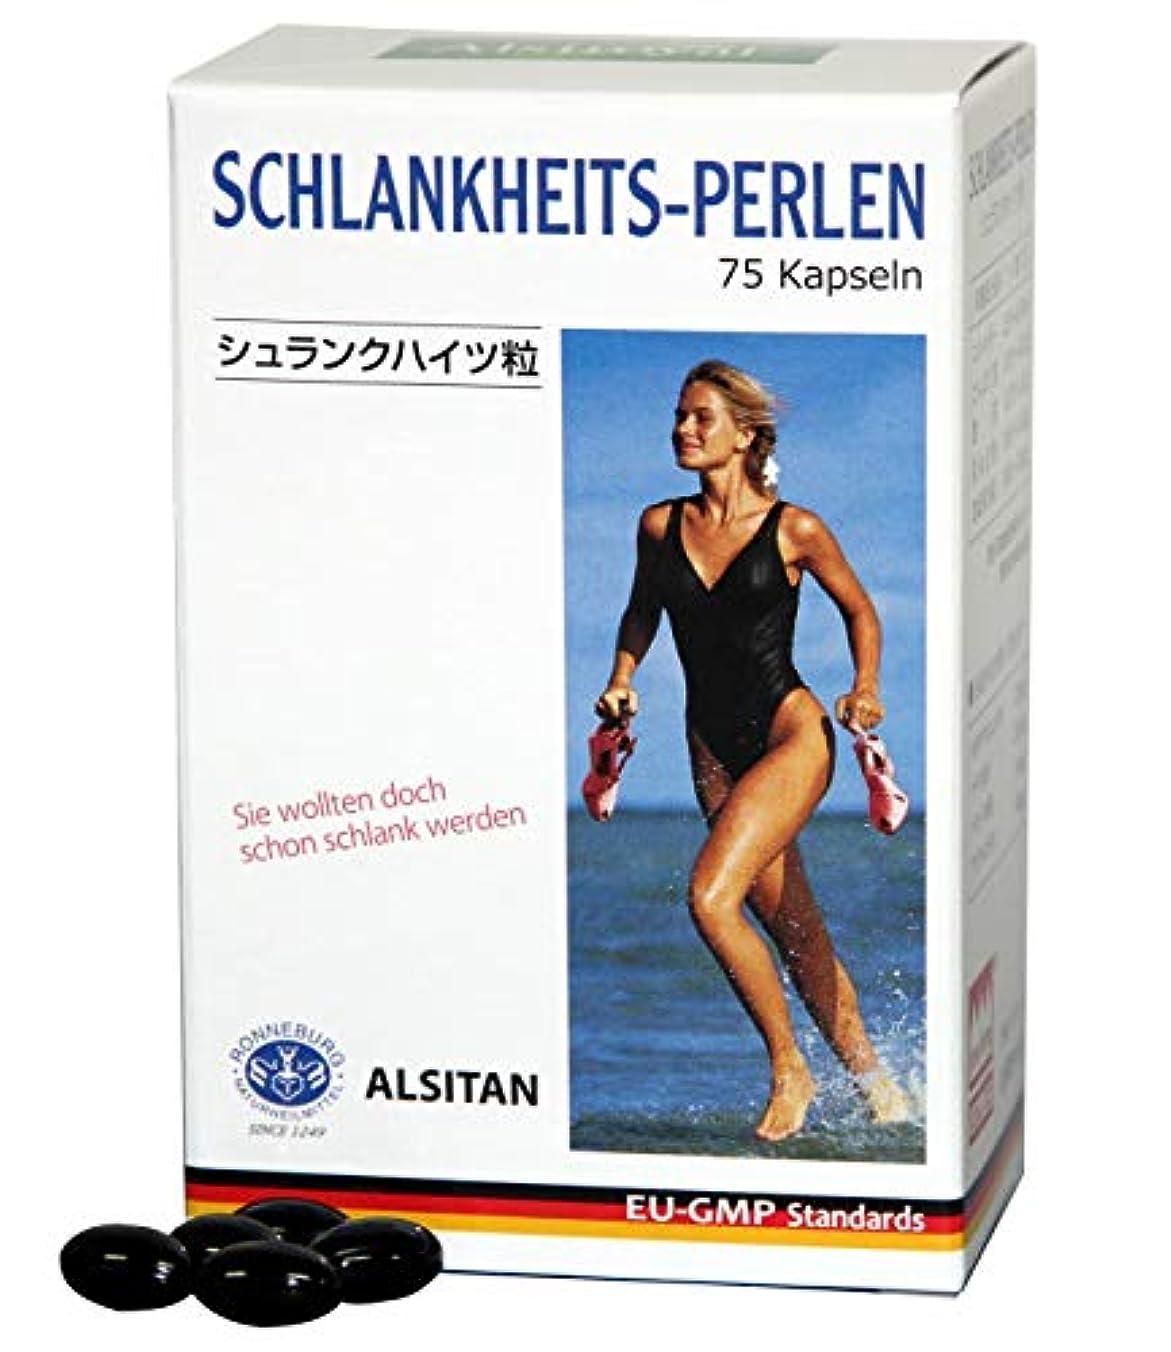 受け入れた入射病なシュランクハイツ粒 ダイエットサプリメント 5箱セット 375粒 増量新箱